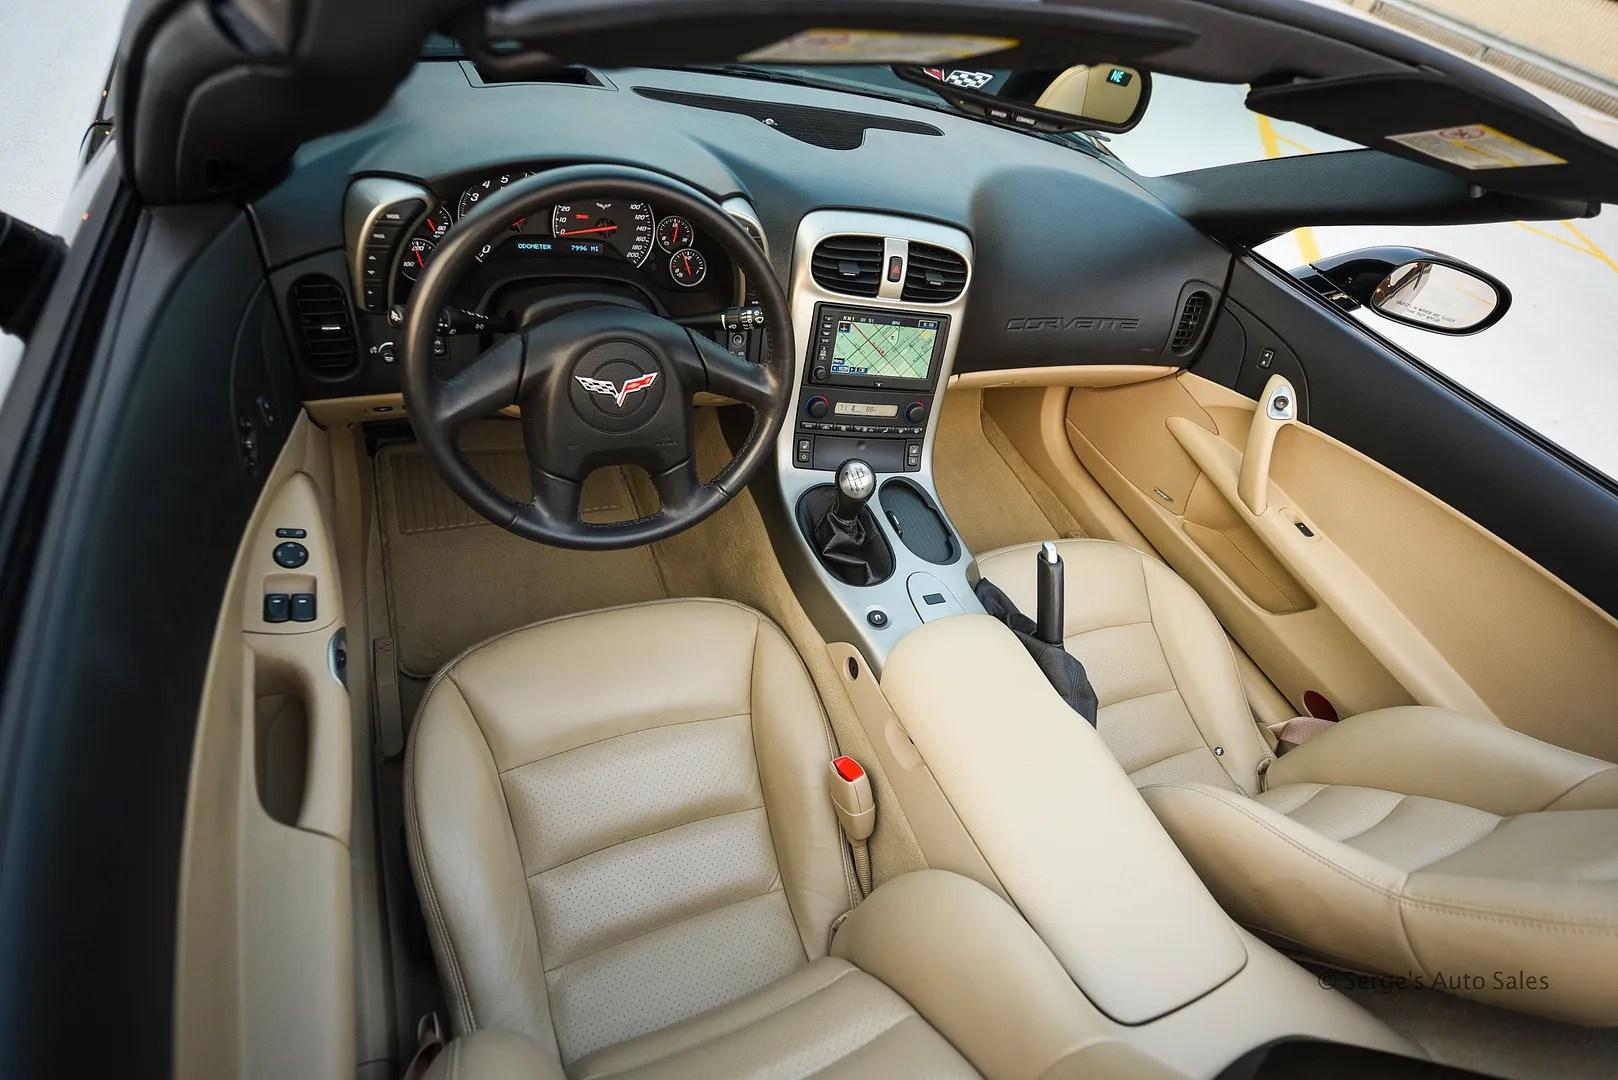 photo 2005-C6-Corvette-Convertible-For-Sale-Scranton-Serges-Auto-Sales-dealer--57_zps7bvwp7fv.jpg